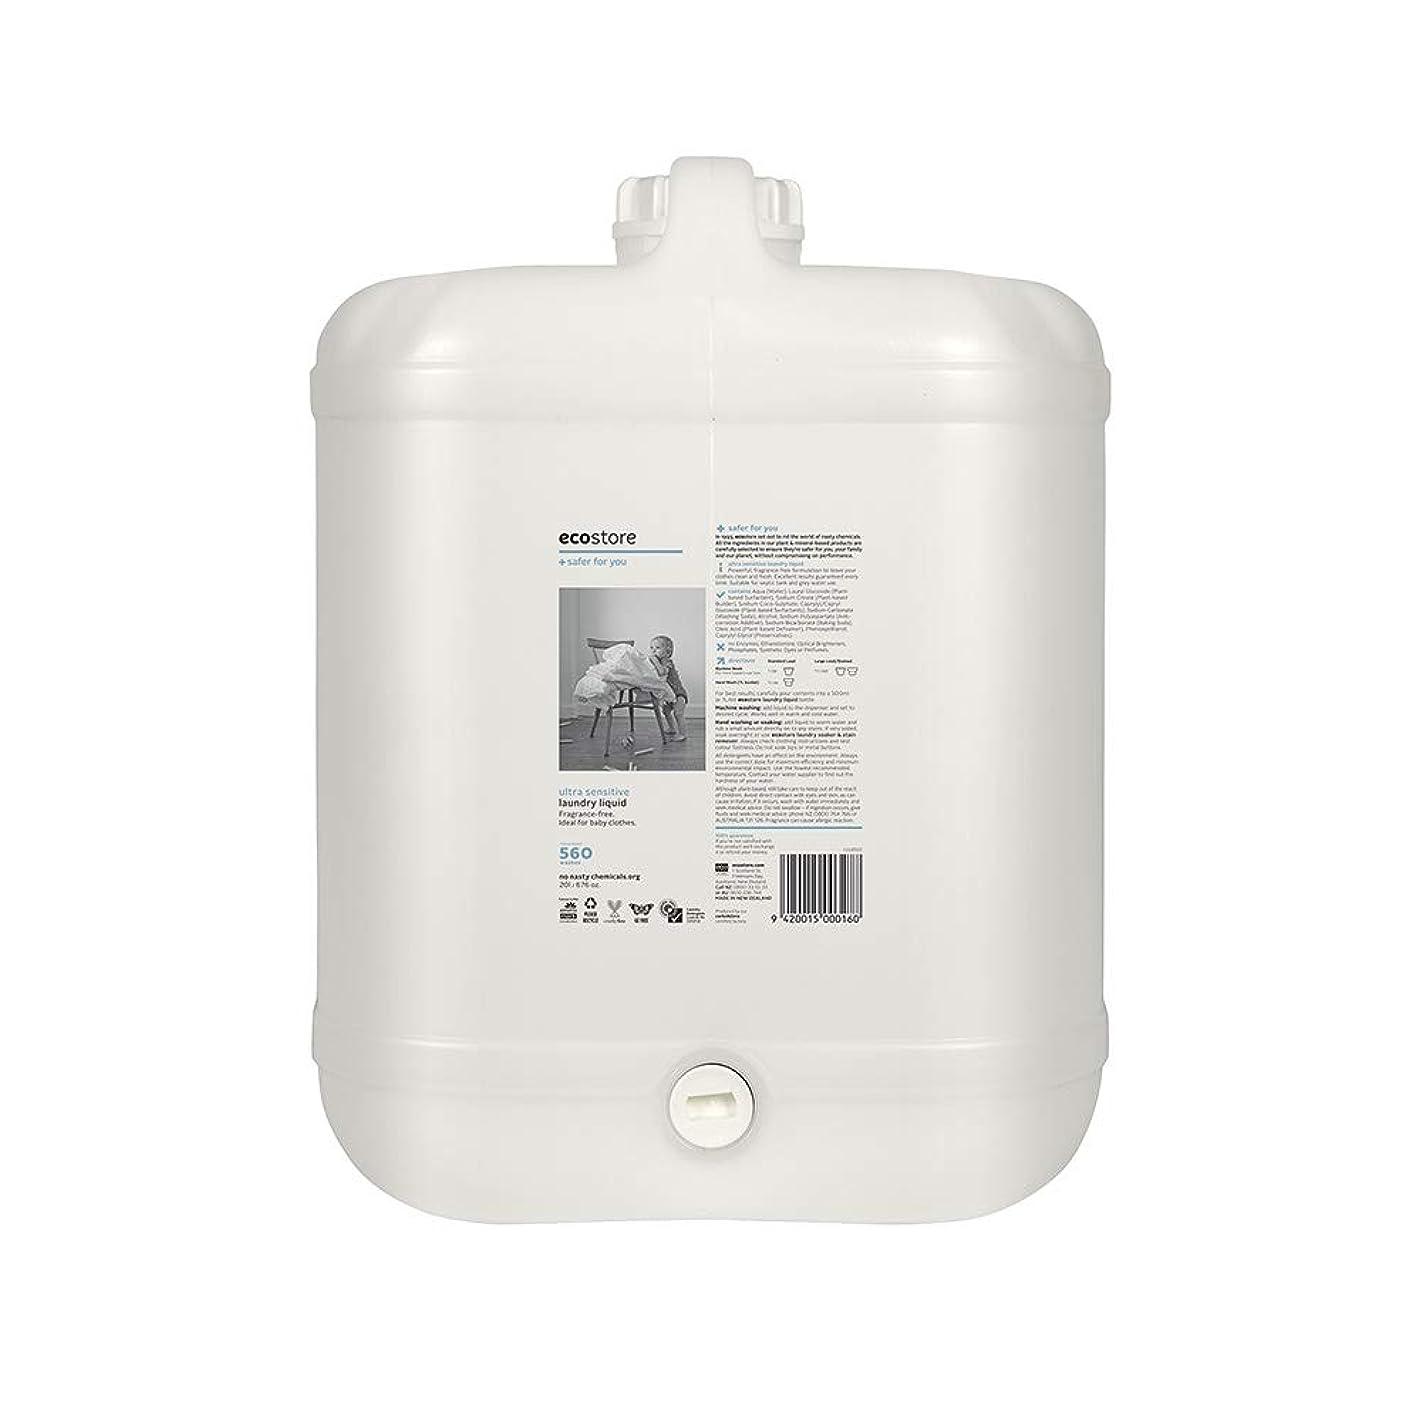 カレンダー選択する航海のecostore(エコストア) ランドリーリキッド <無香料> バルク 20L